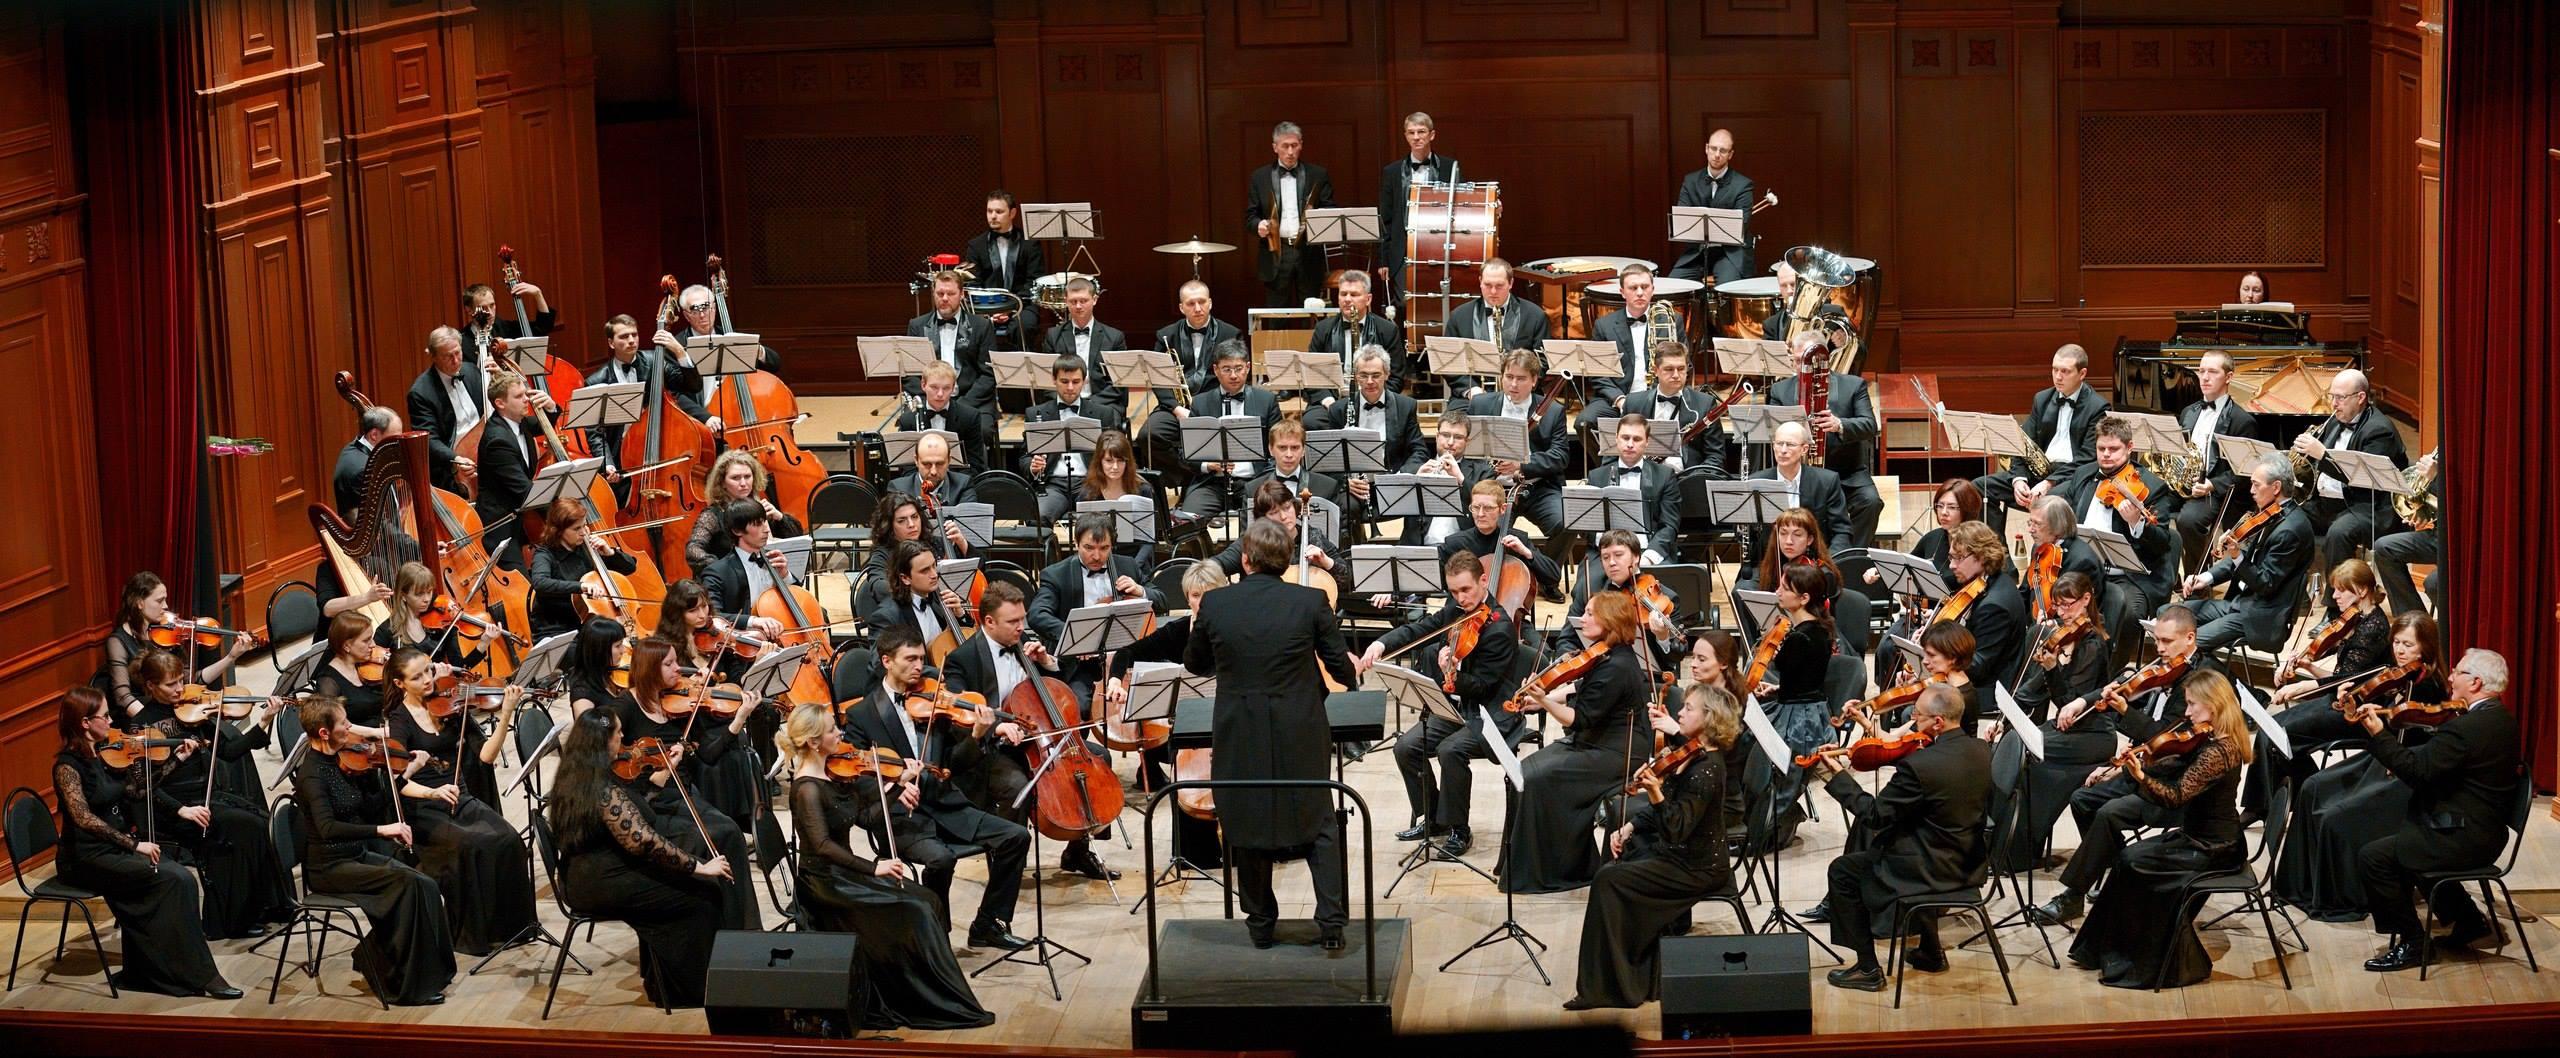 Оркестр что это? значение слова оркестр